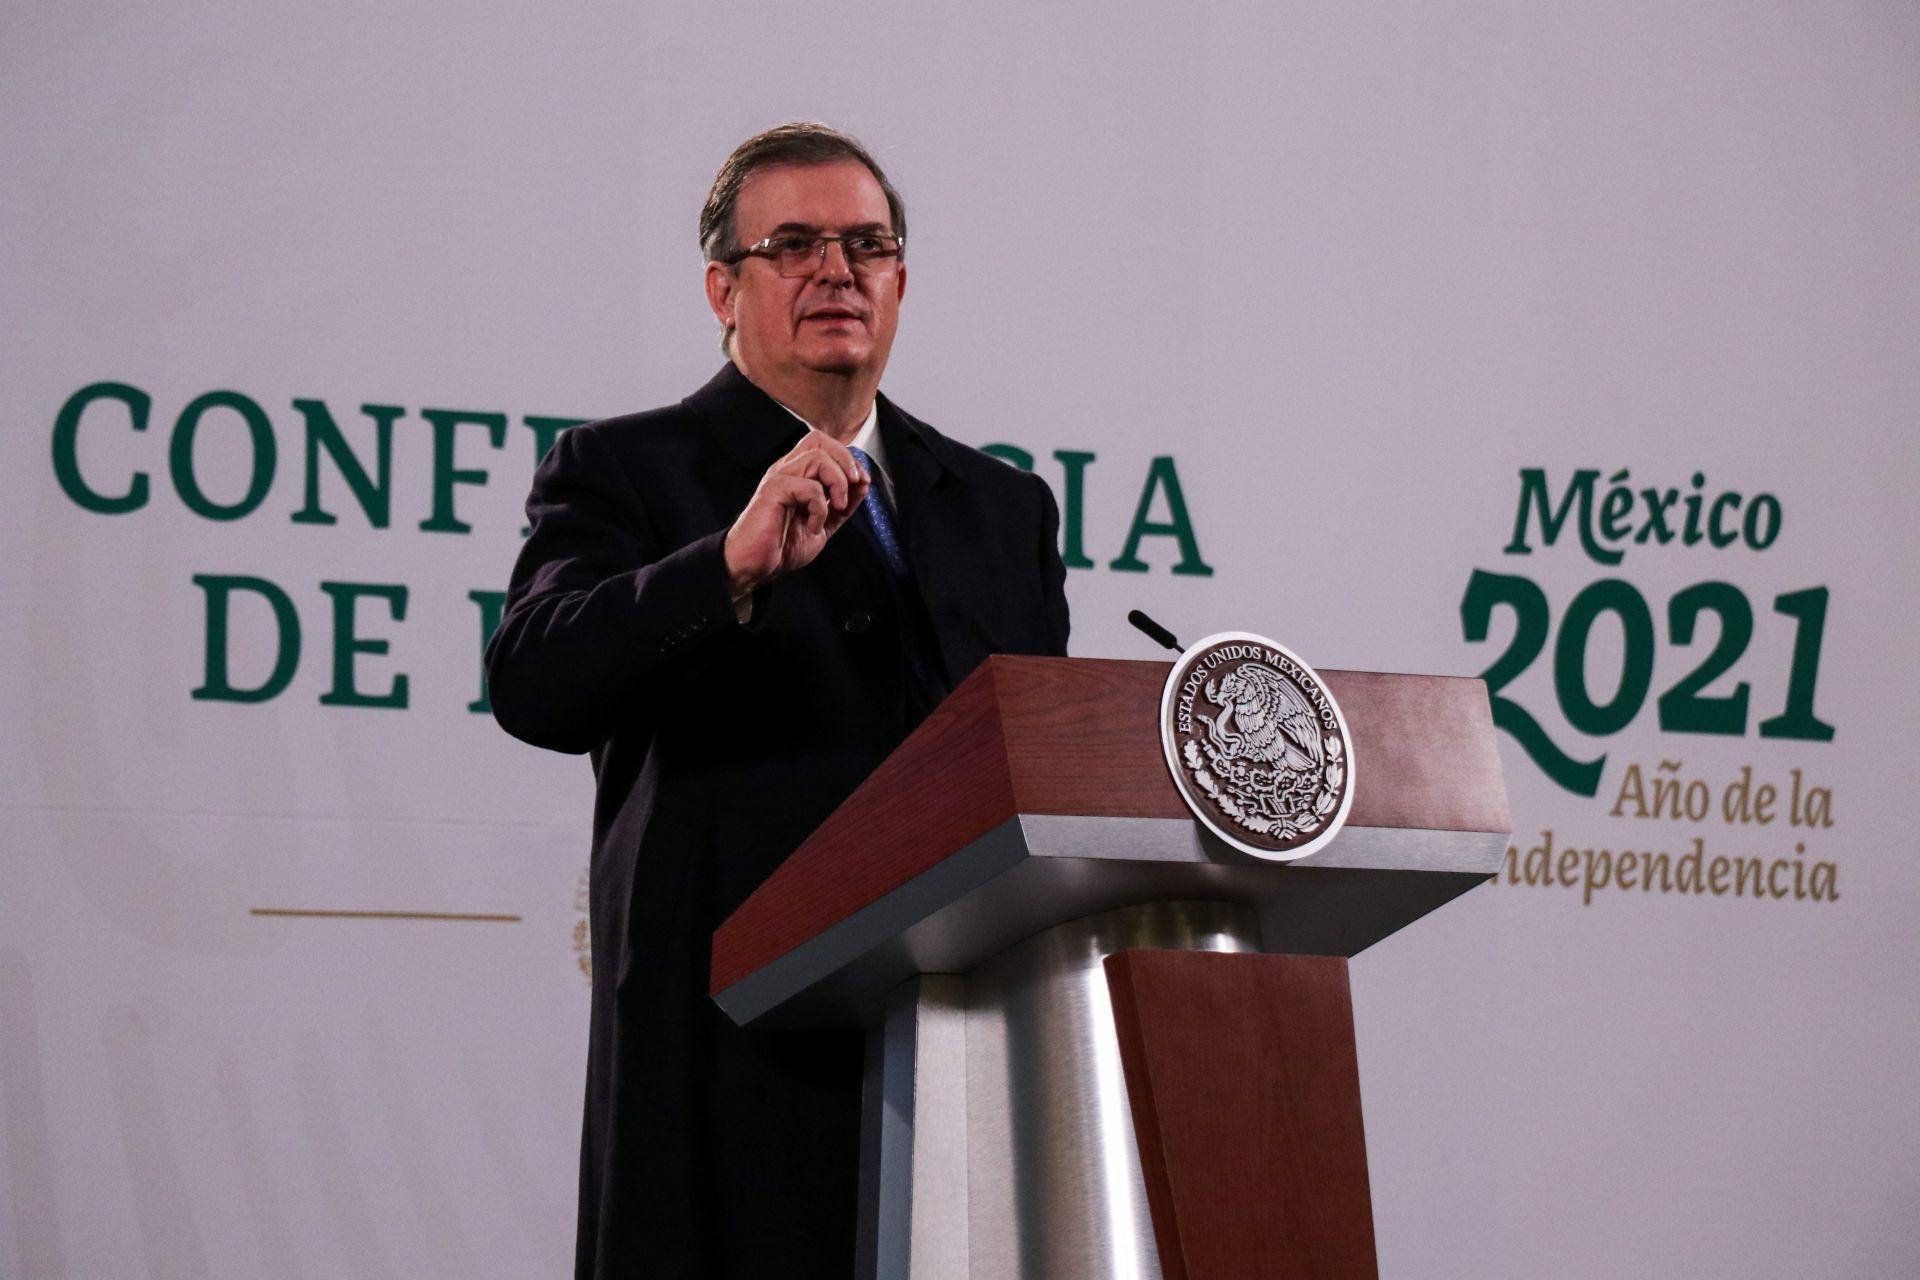 Marcelo Ebrard da negativo a prueba Covid; el miércoles se hará otro examen